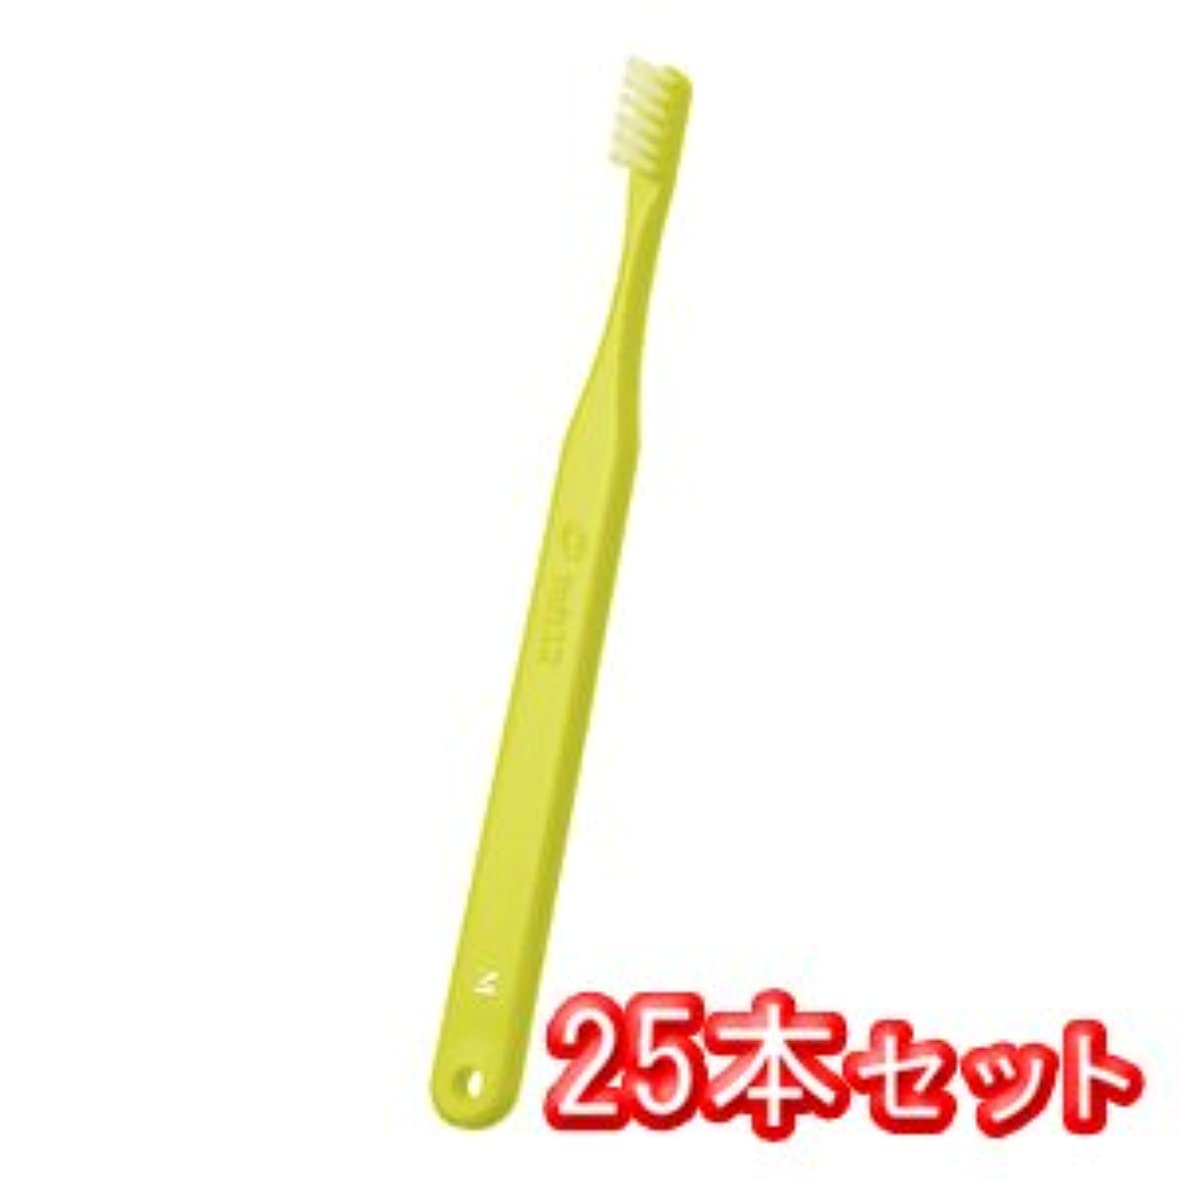 アッパー自体エイリアンオーラルケア タフト12 歯ブラシ 25本入 ミディアム M イエロー